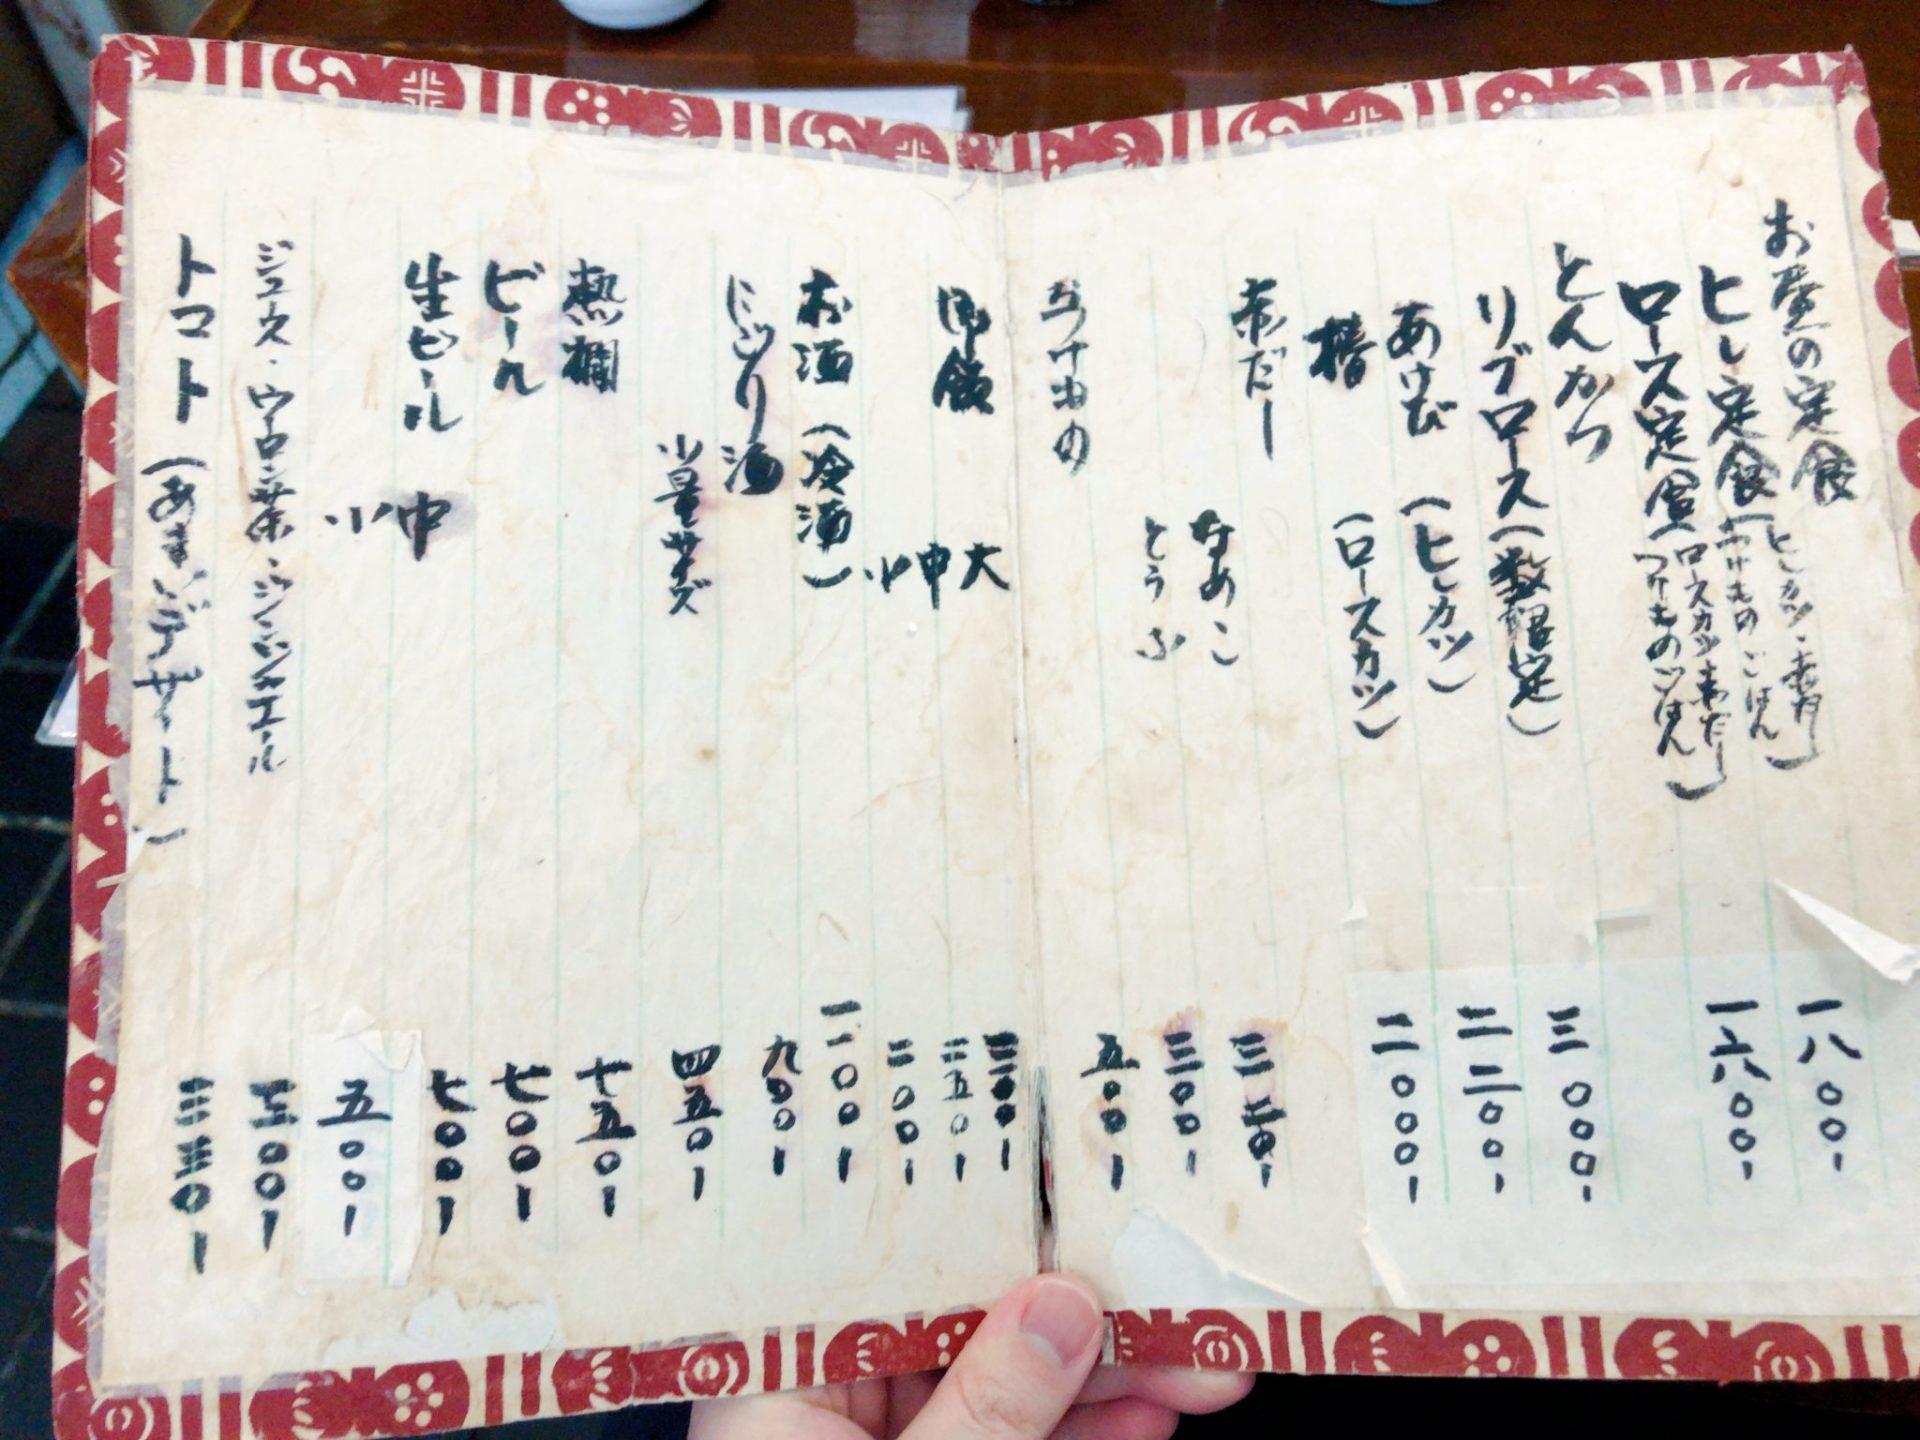 とんかつ椿 成城のメニュー